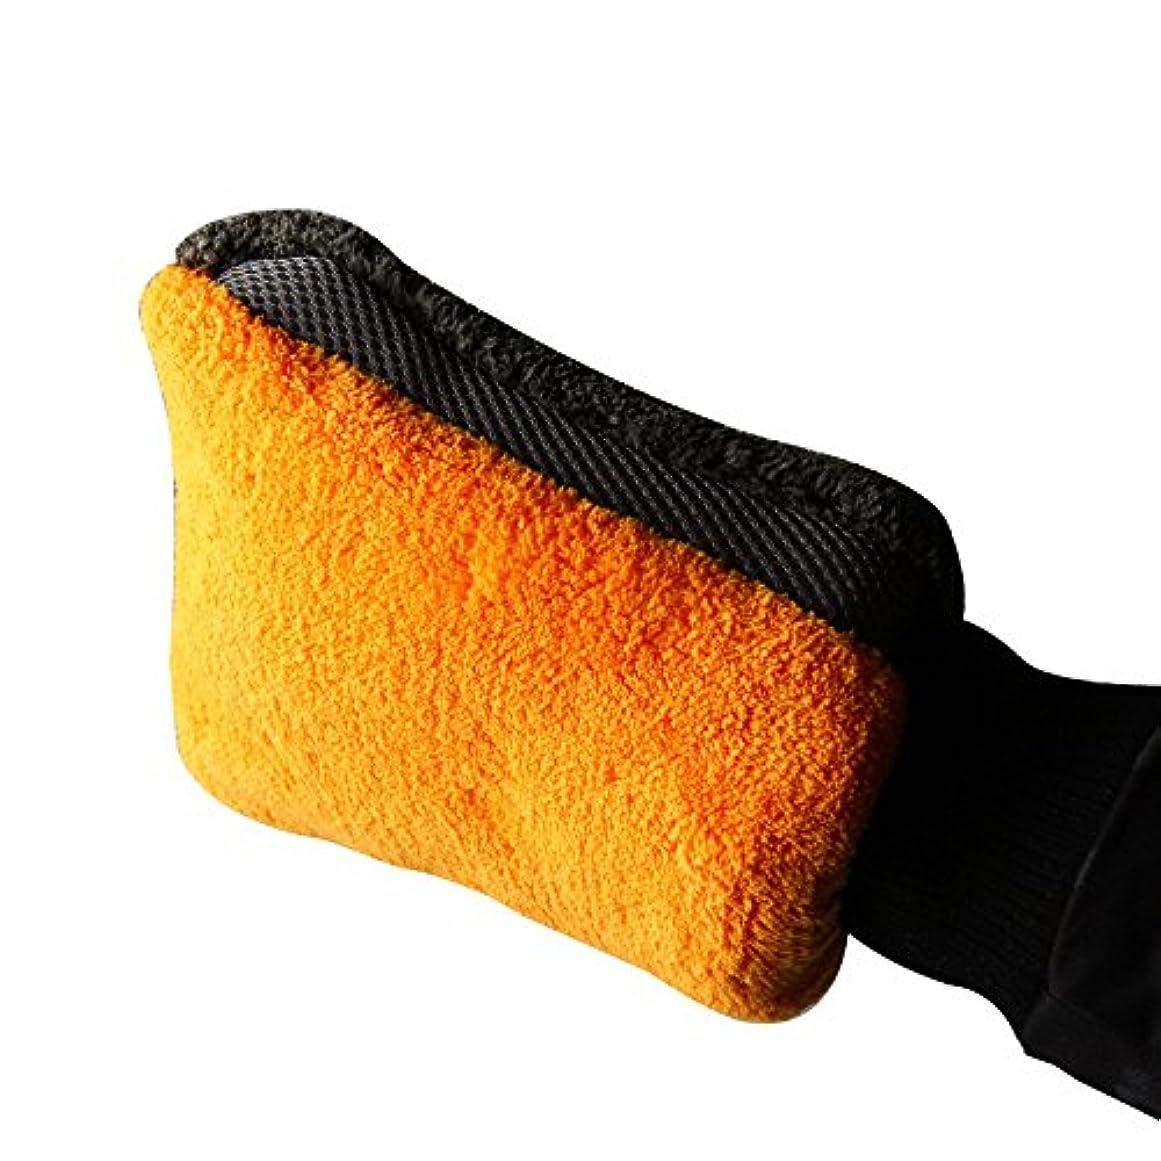 故障レンダー領事館BTXXYJP サンゴフリース 洗車 ブラシ 手袋 クリーニング ミットショートウールミットカークロス (Color : Orange, Size : L-One pair)